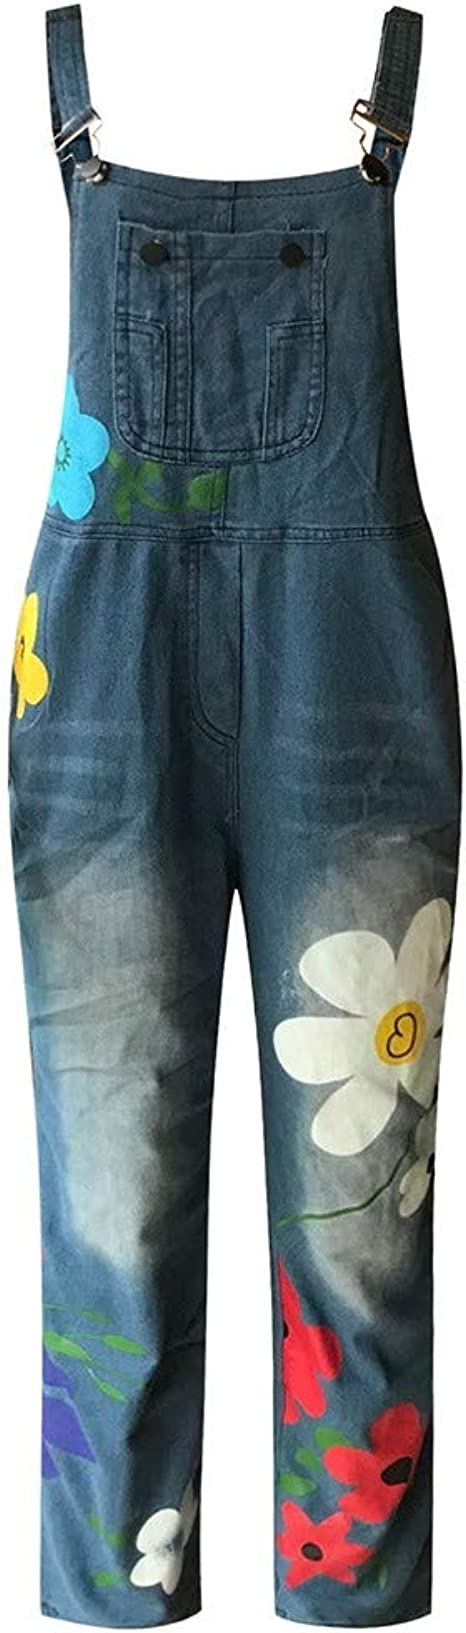 XXYsm Salopette Denim Femme Femme Fleur Impression Grand Poche Jumpsuit en Vrac Loisir Combinaison /élastique Coton Pantalons Denim